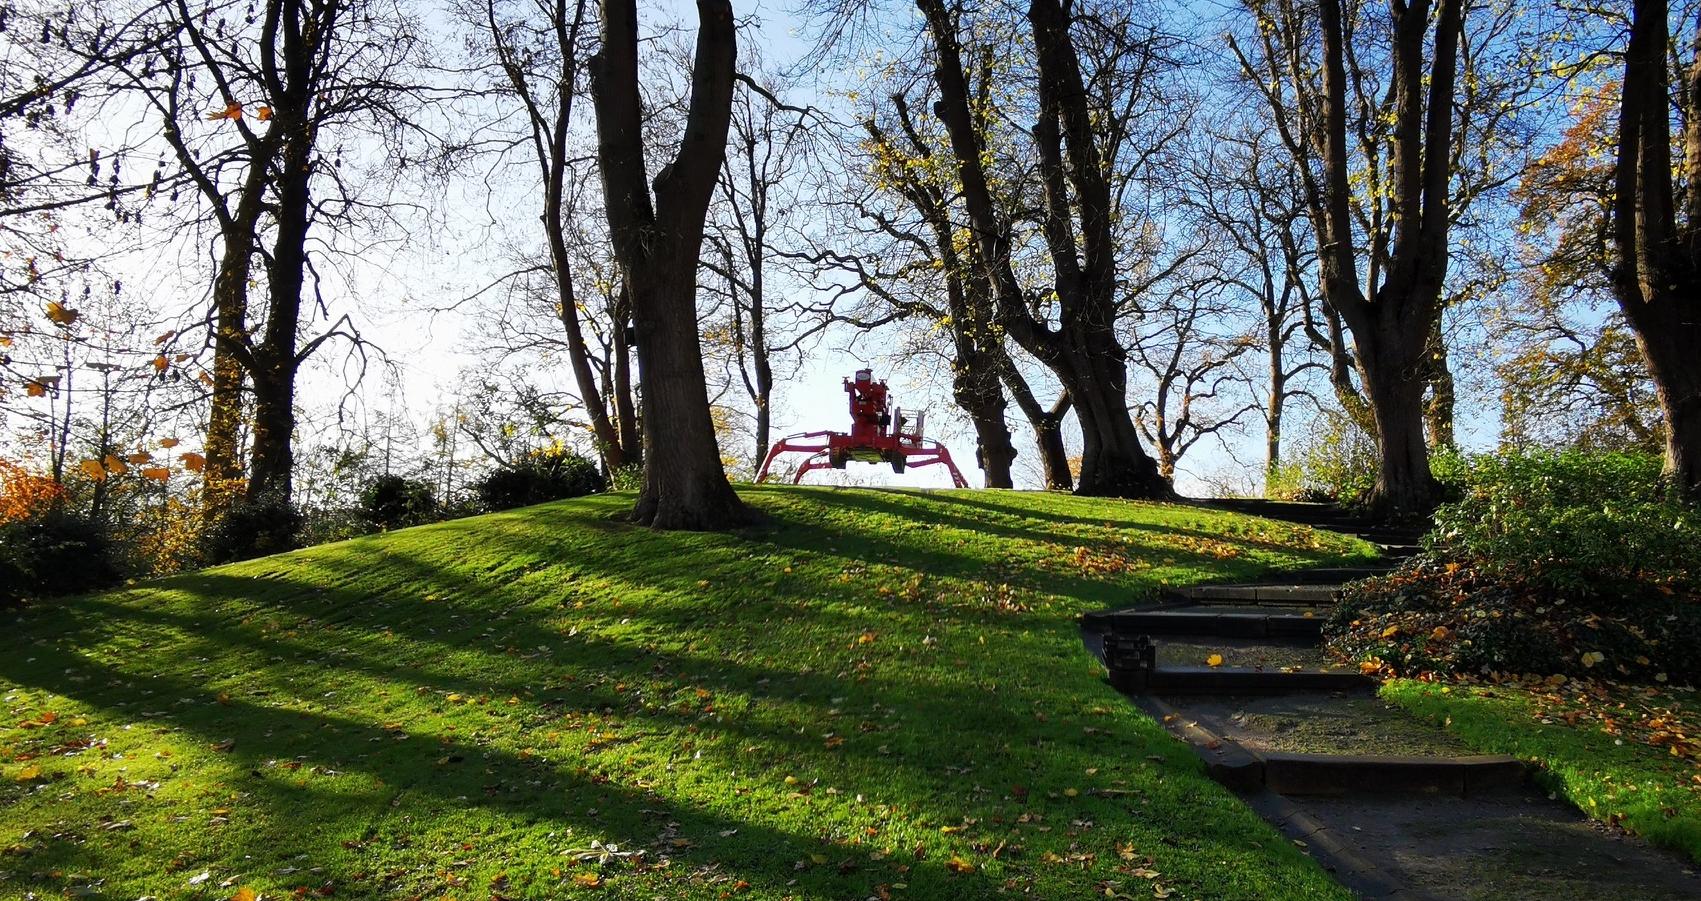 Baumpflege mit der variablen Hebebühne auf dem Hügel am Schloss Jeve